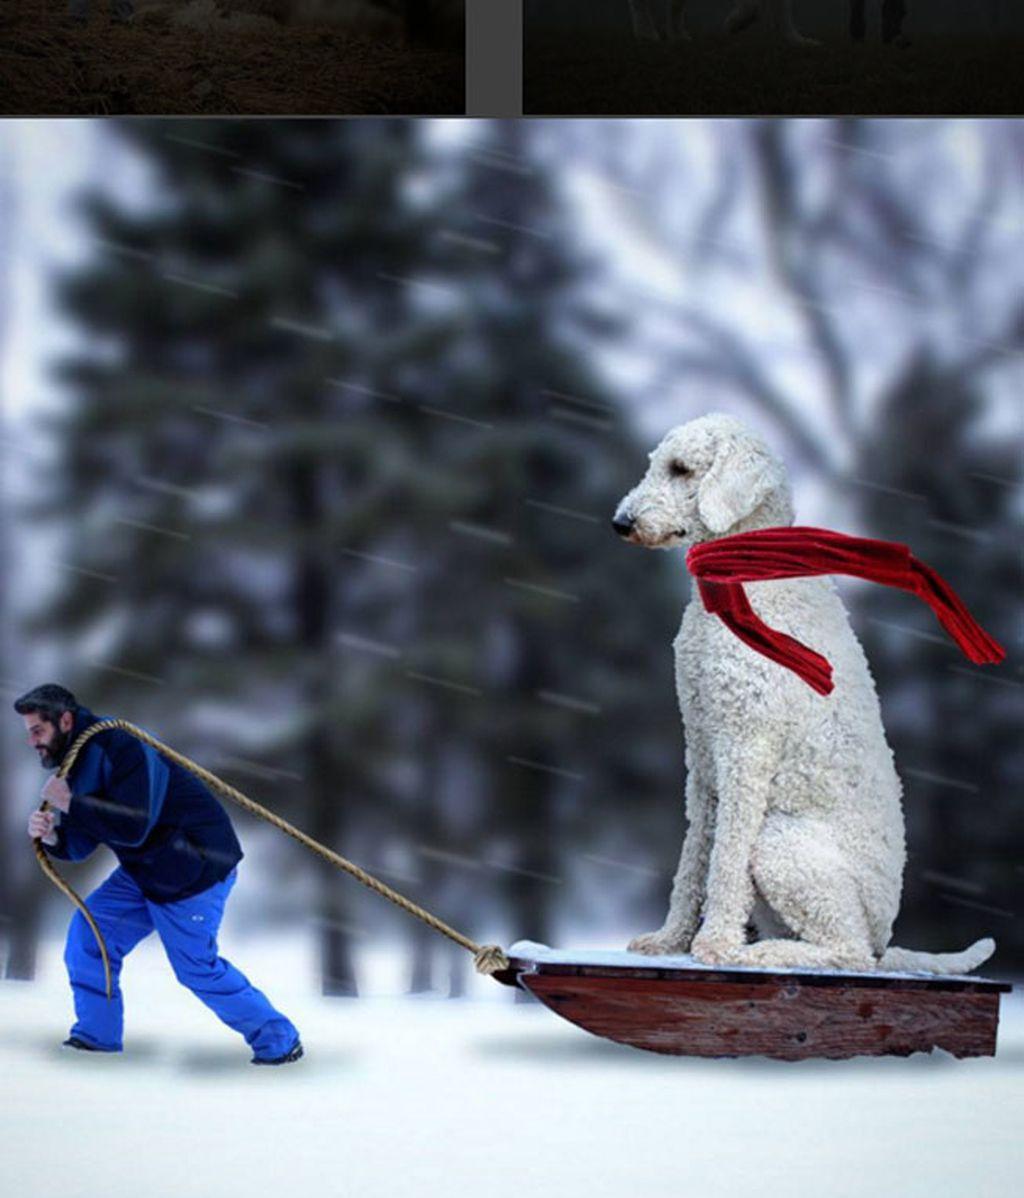 El fotógrafo venció la depresión con su mascota